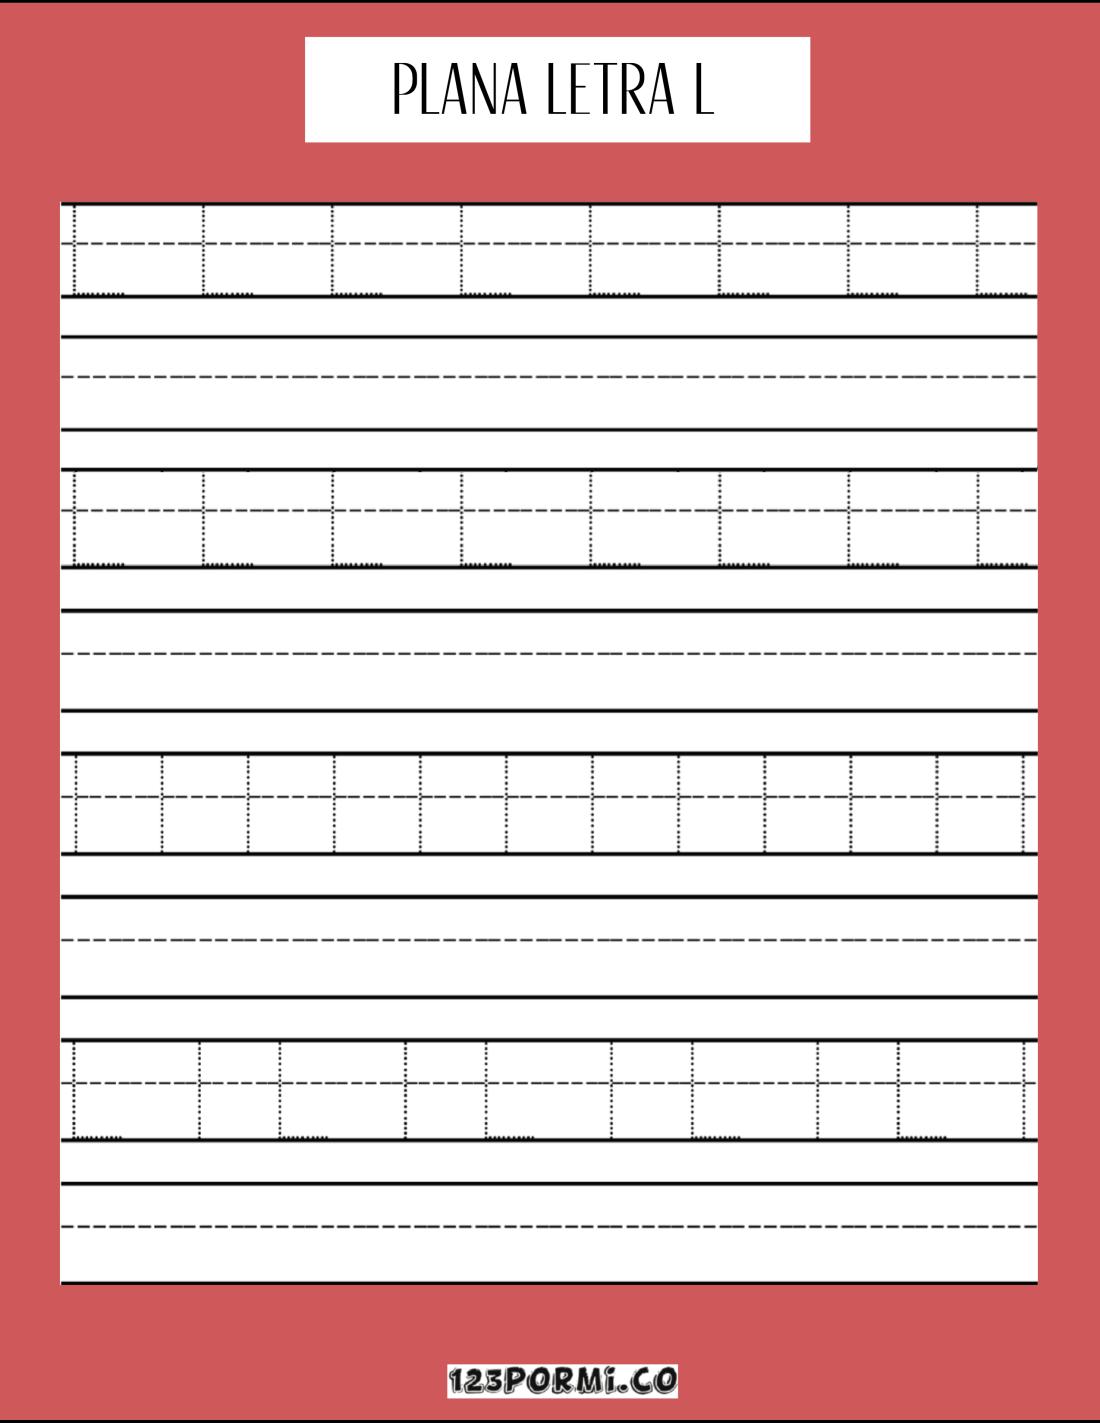 Plana letra L_Mesa de trabajo 1